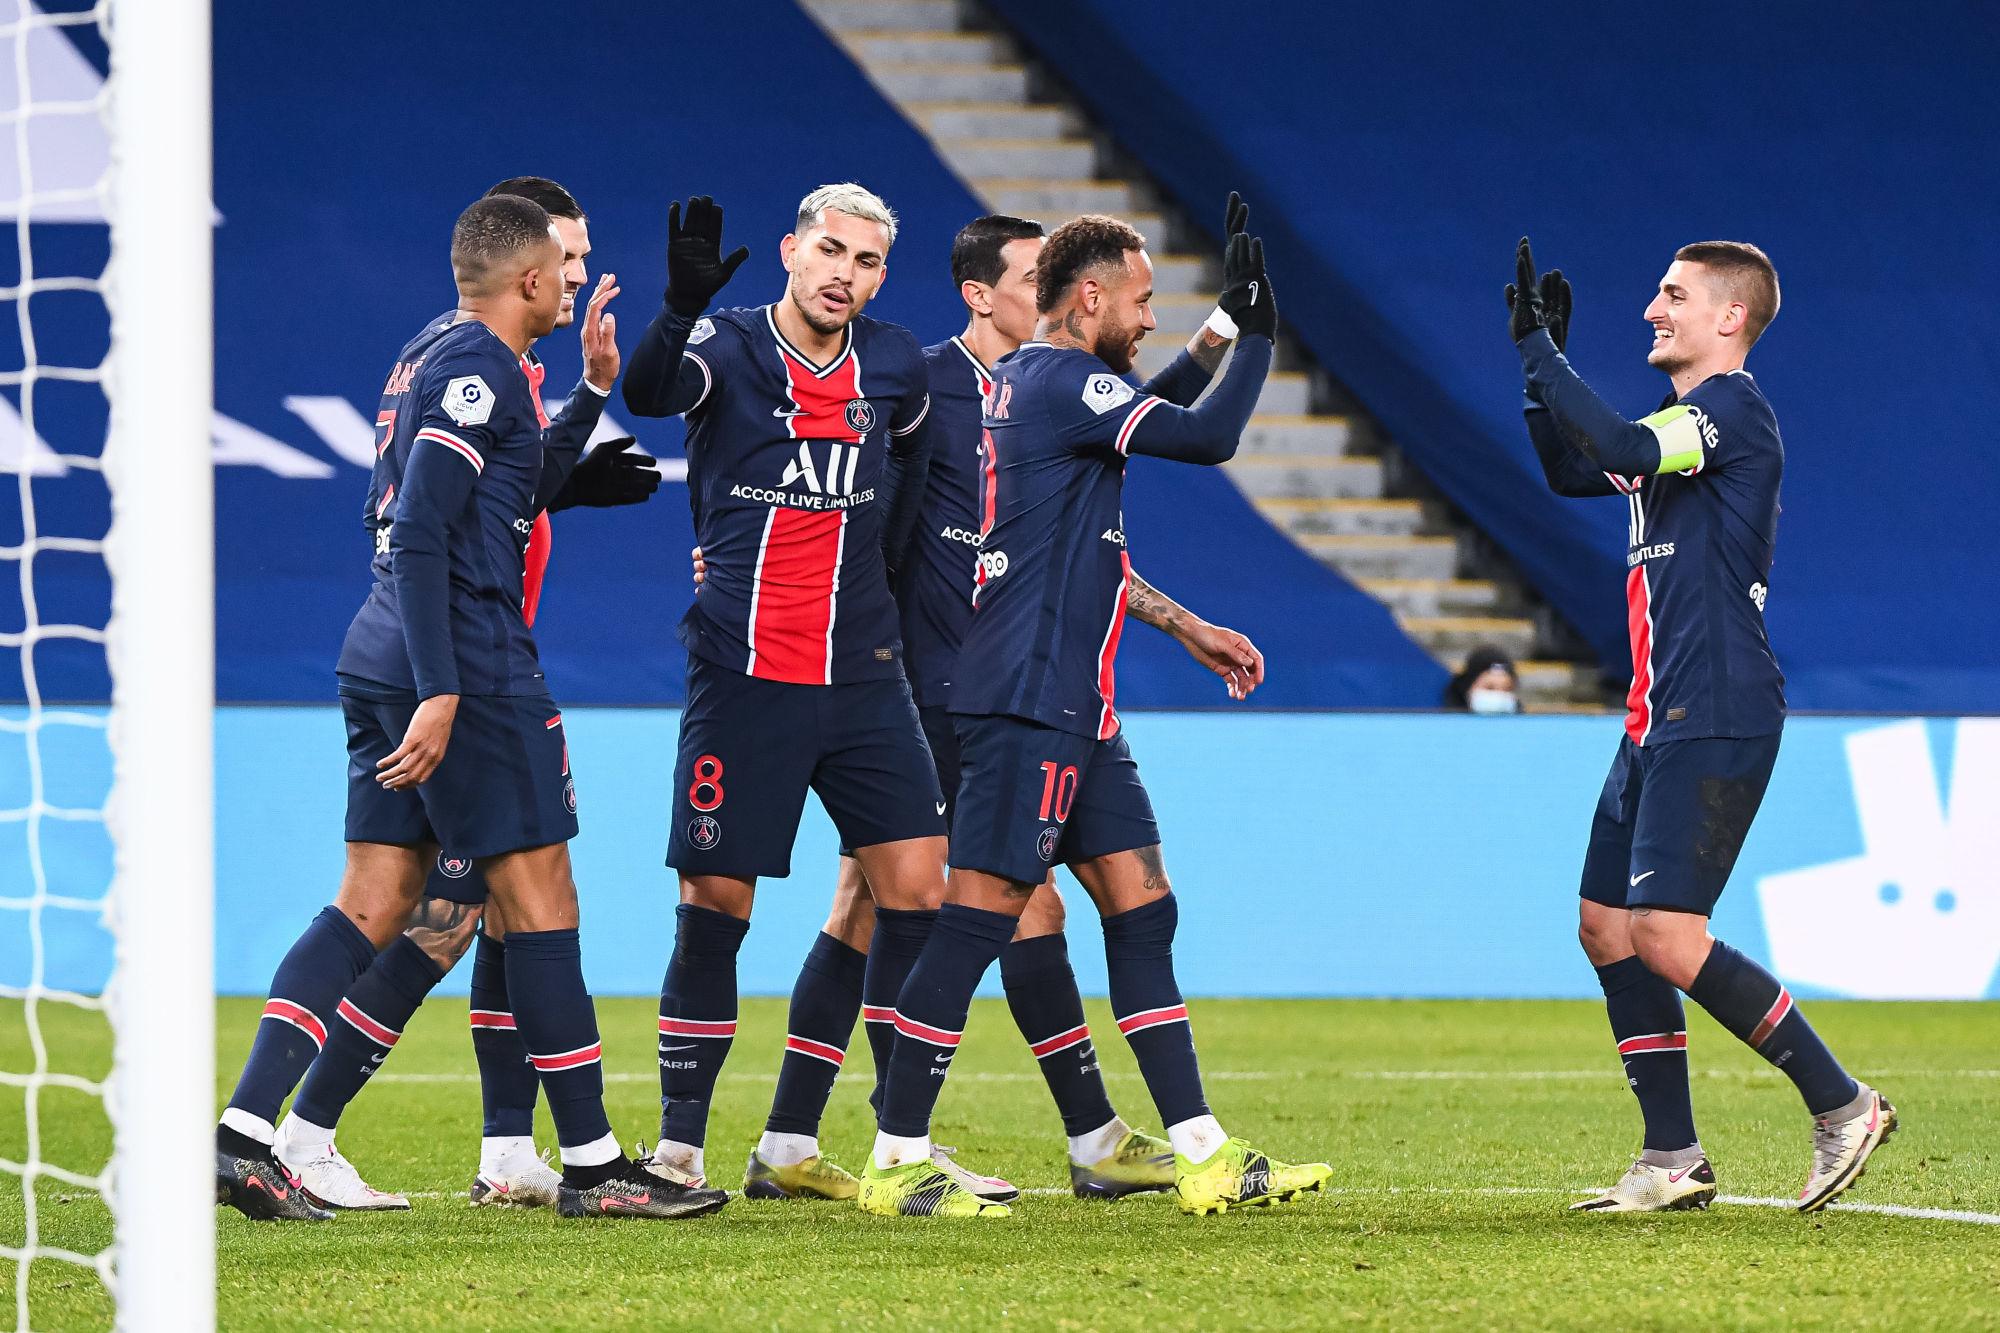 Les images du PSG ce vendredi: Large victoire à Montpellier, Mbappé décisif !